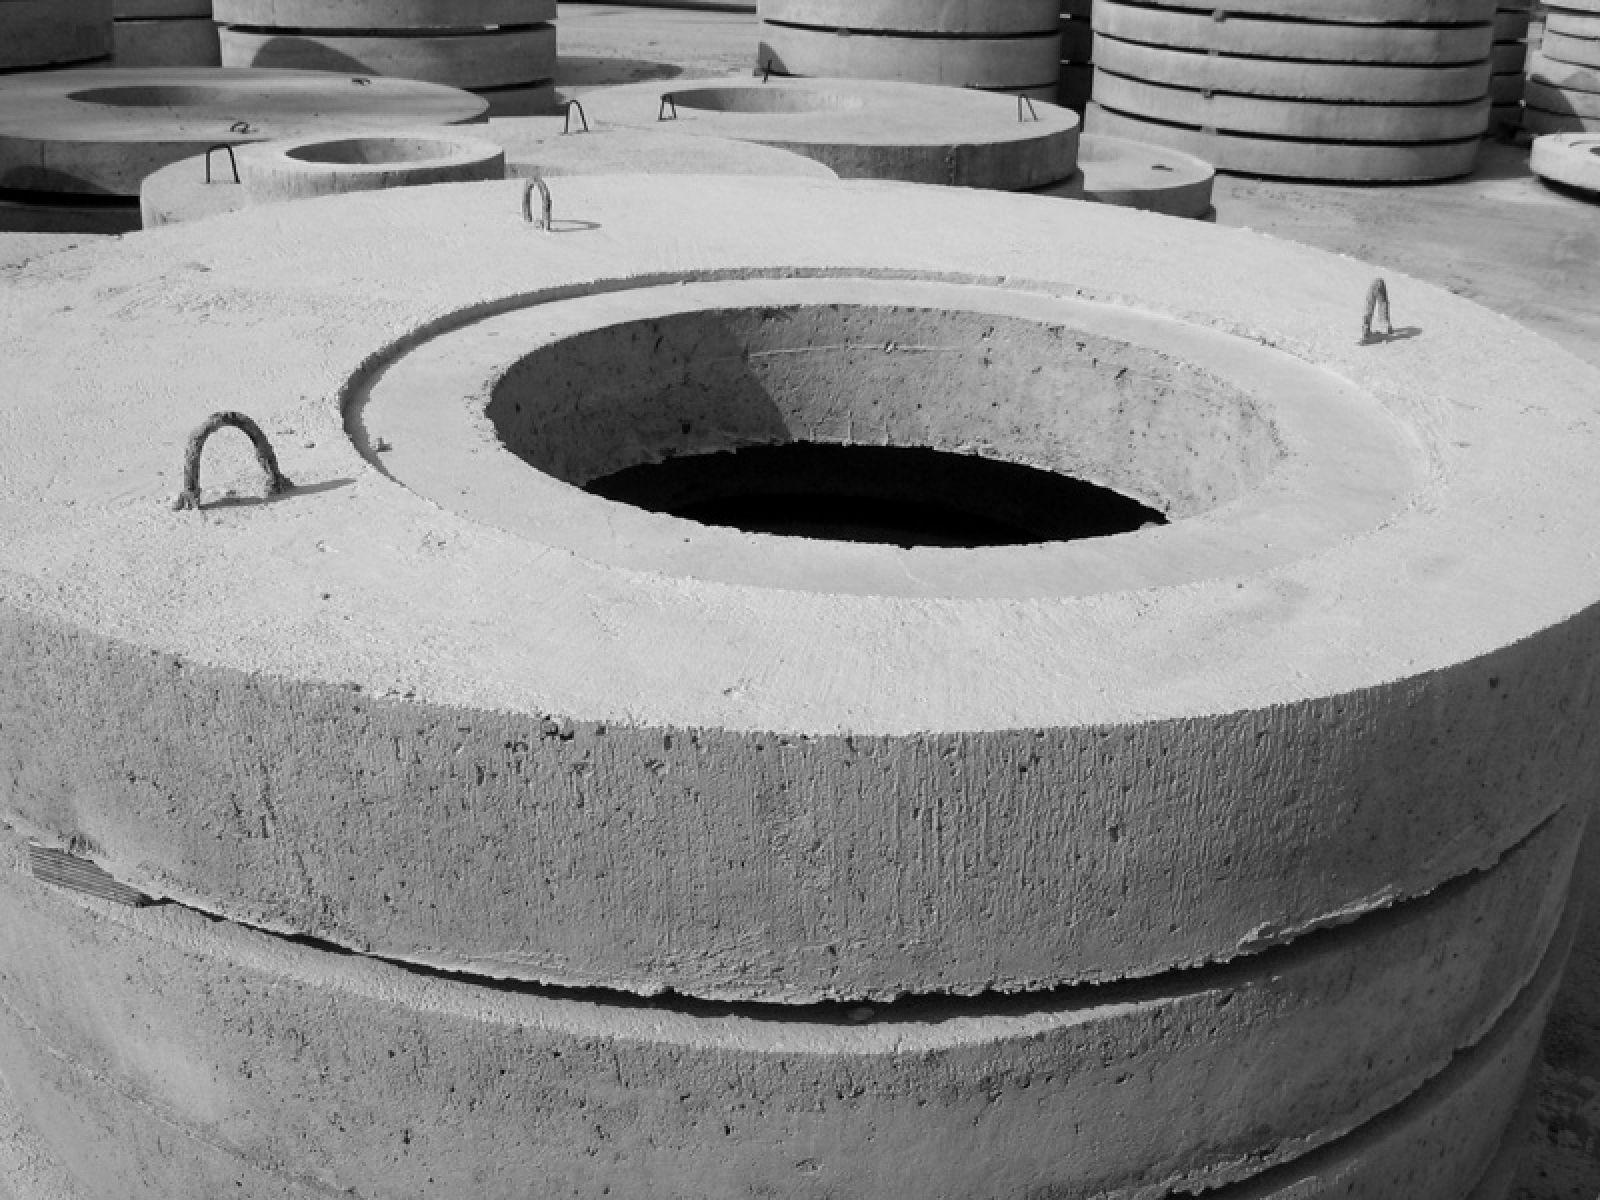 Nietypowy Okaz Pokrywa studni i pokrywa na studnię płyty pokrywowe - Betonbest Sp ZU53